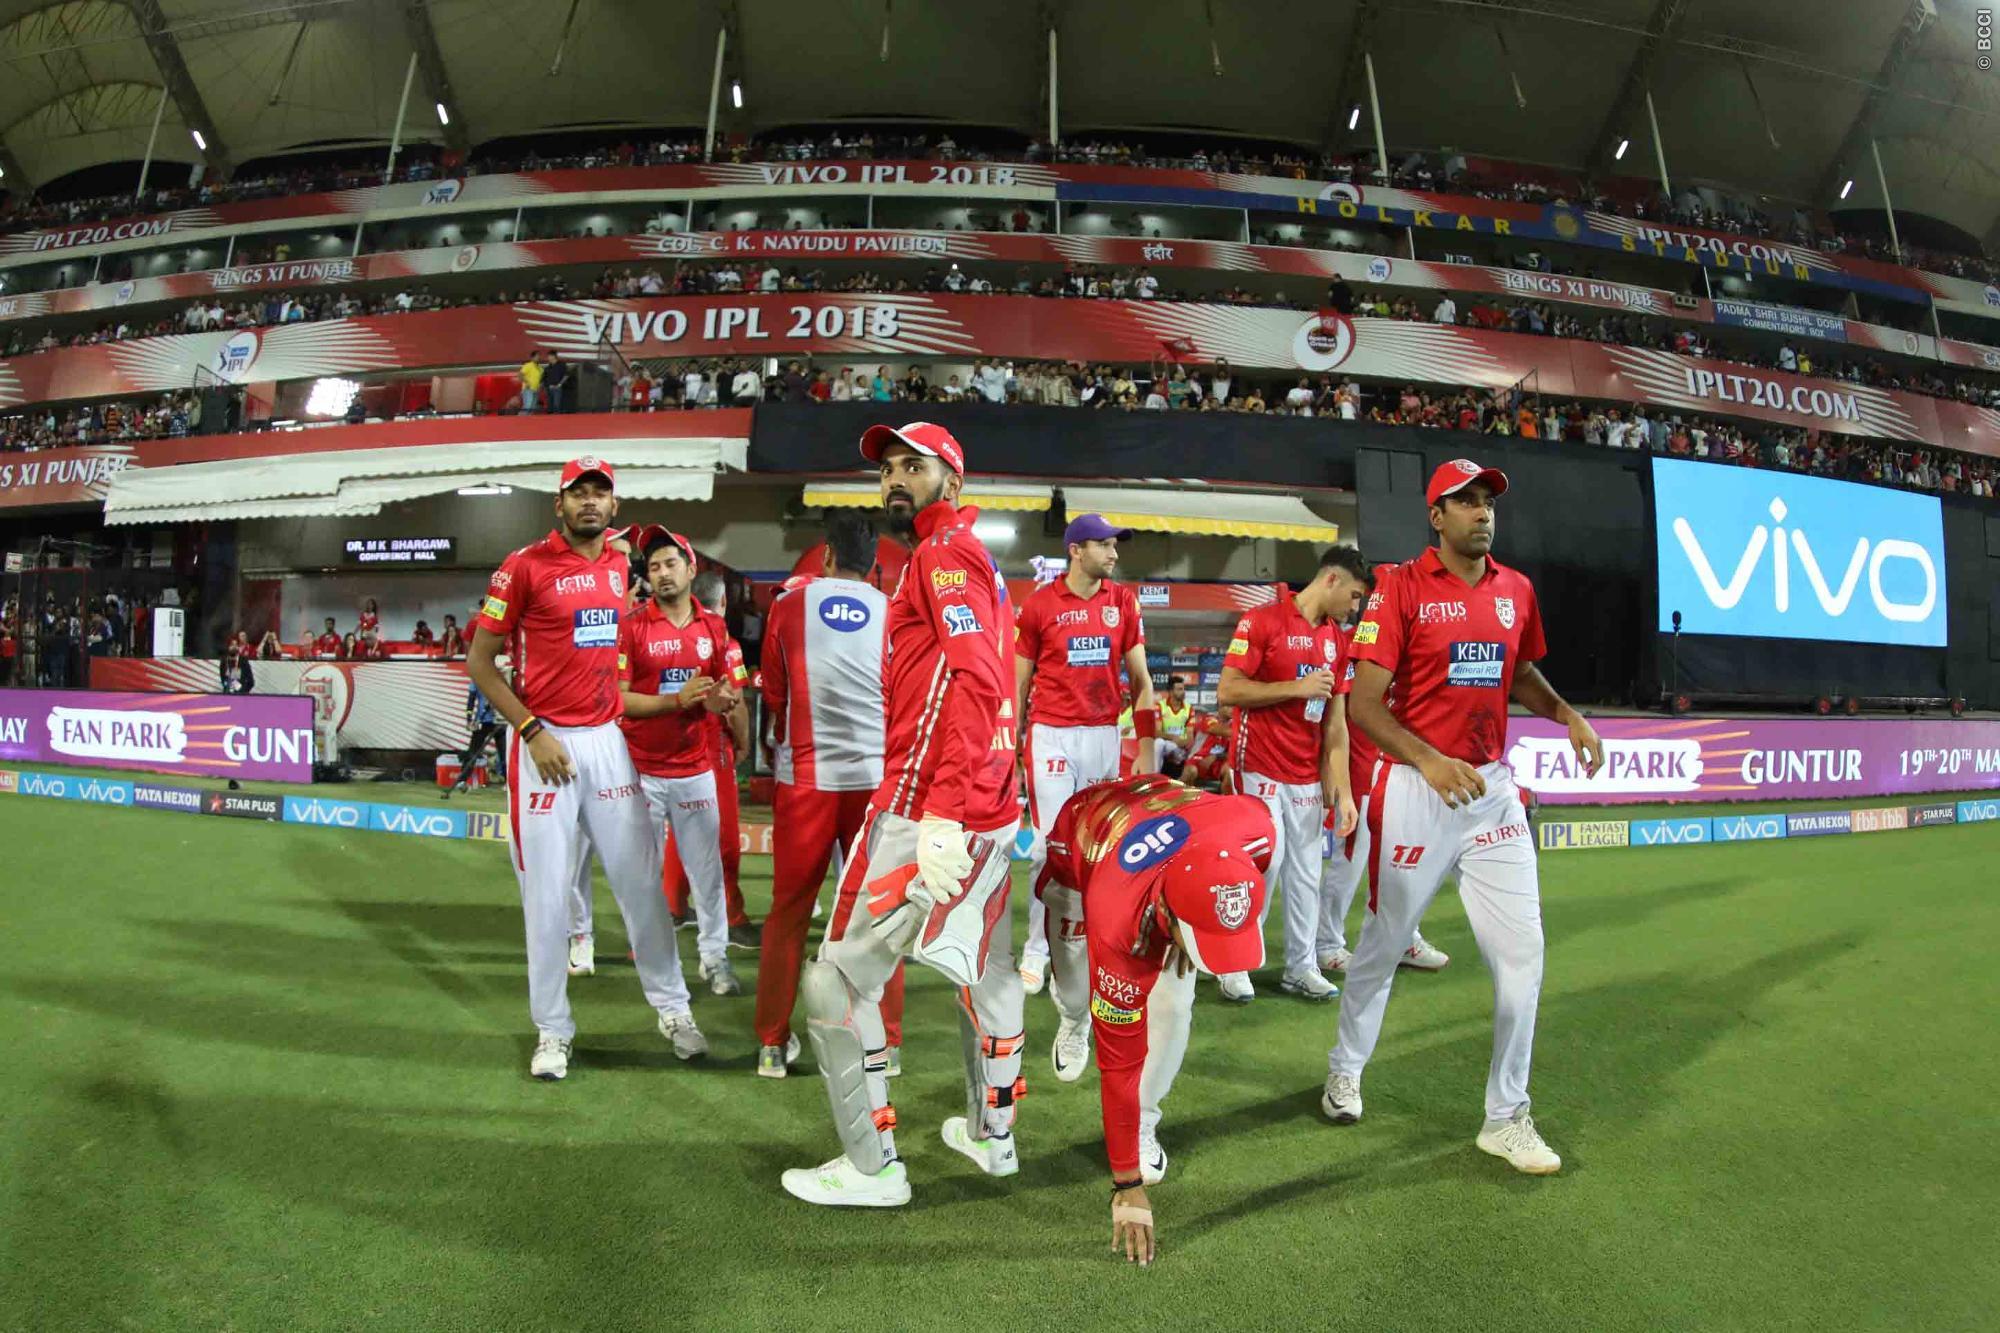 आईपीएल 2020 में पहले मैच के लिए किंग्स इलेवन पंजाब की सम्भावित प्लेइंग इलेवन 1